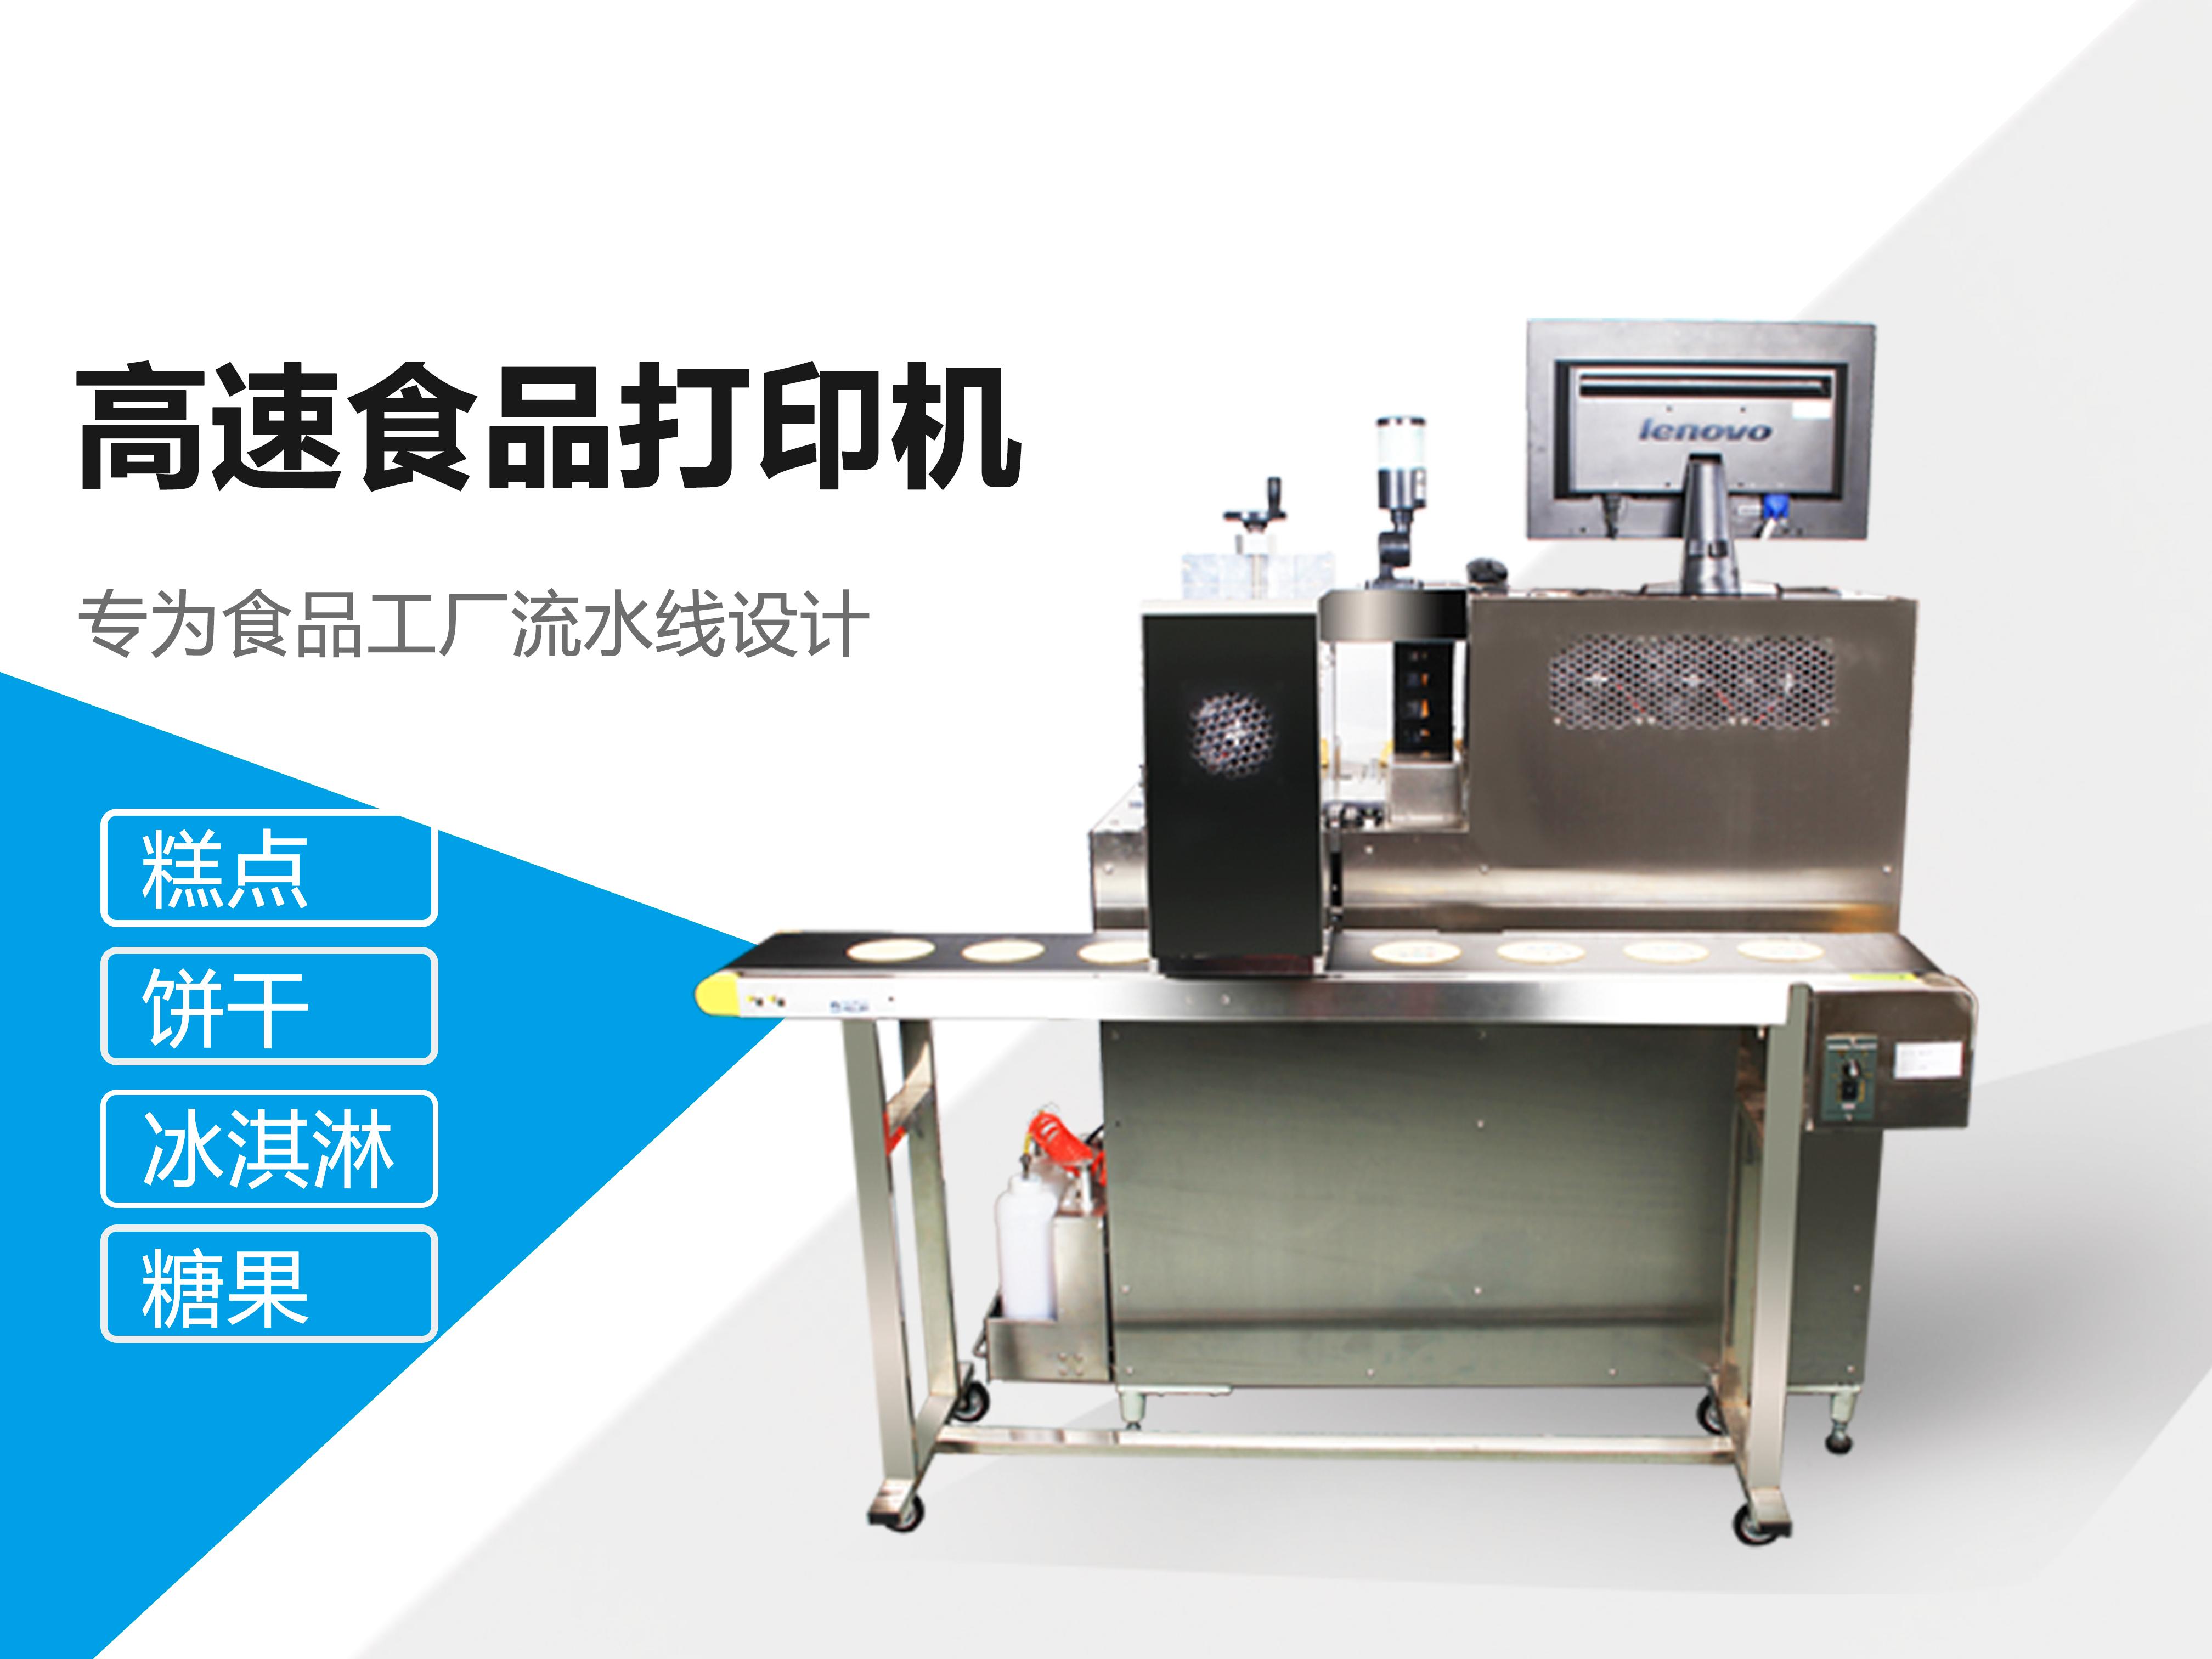 工业食品在线打印机